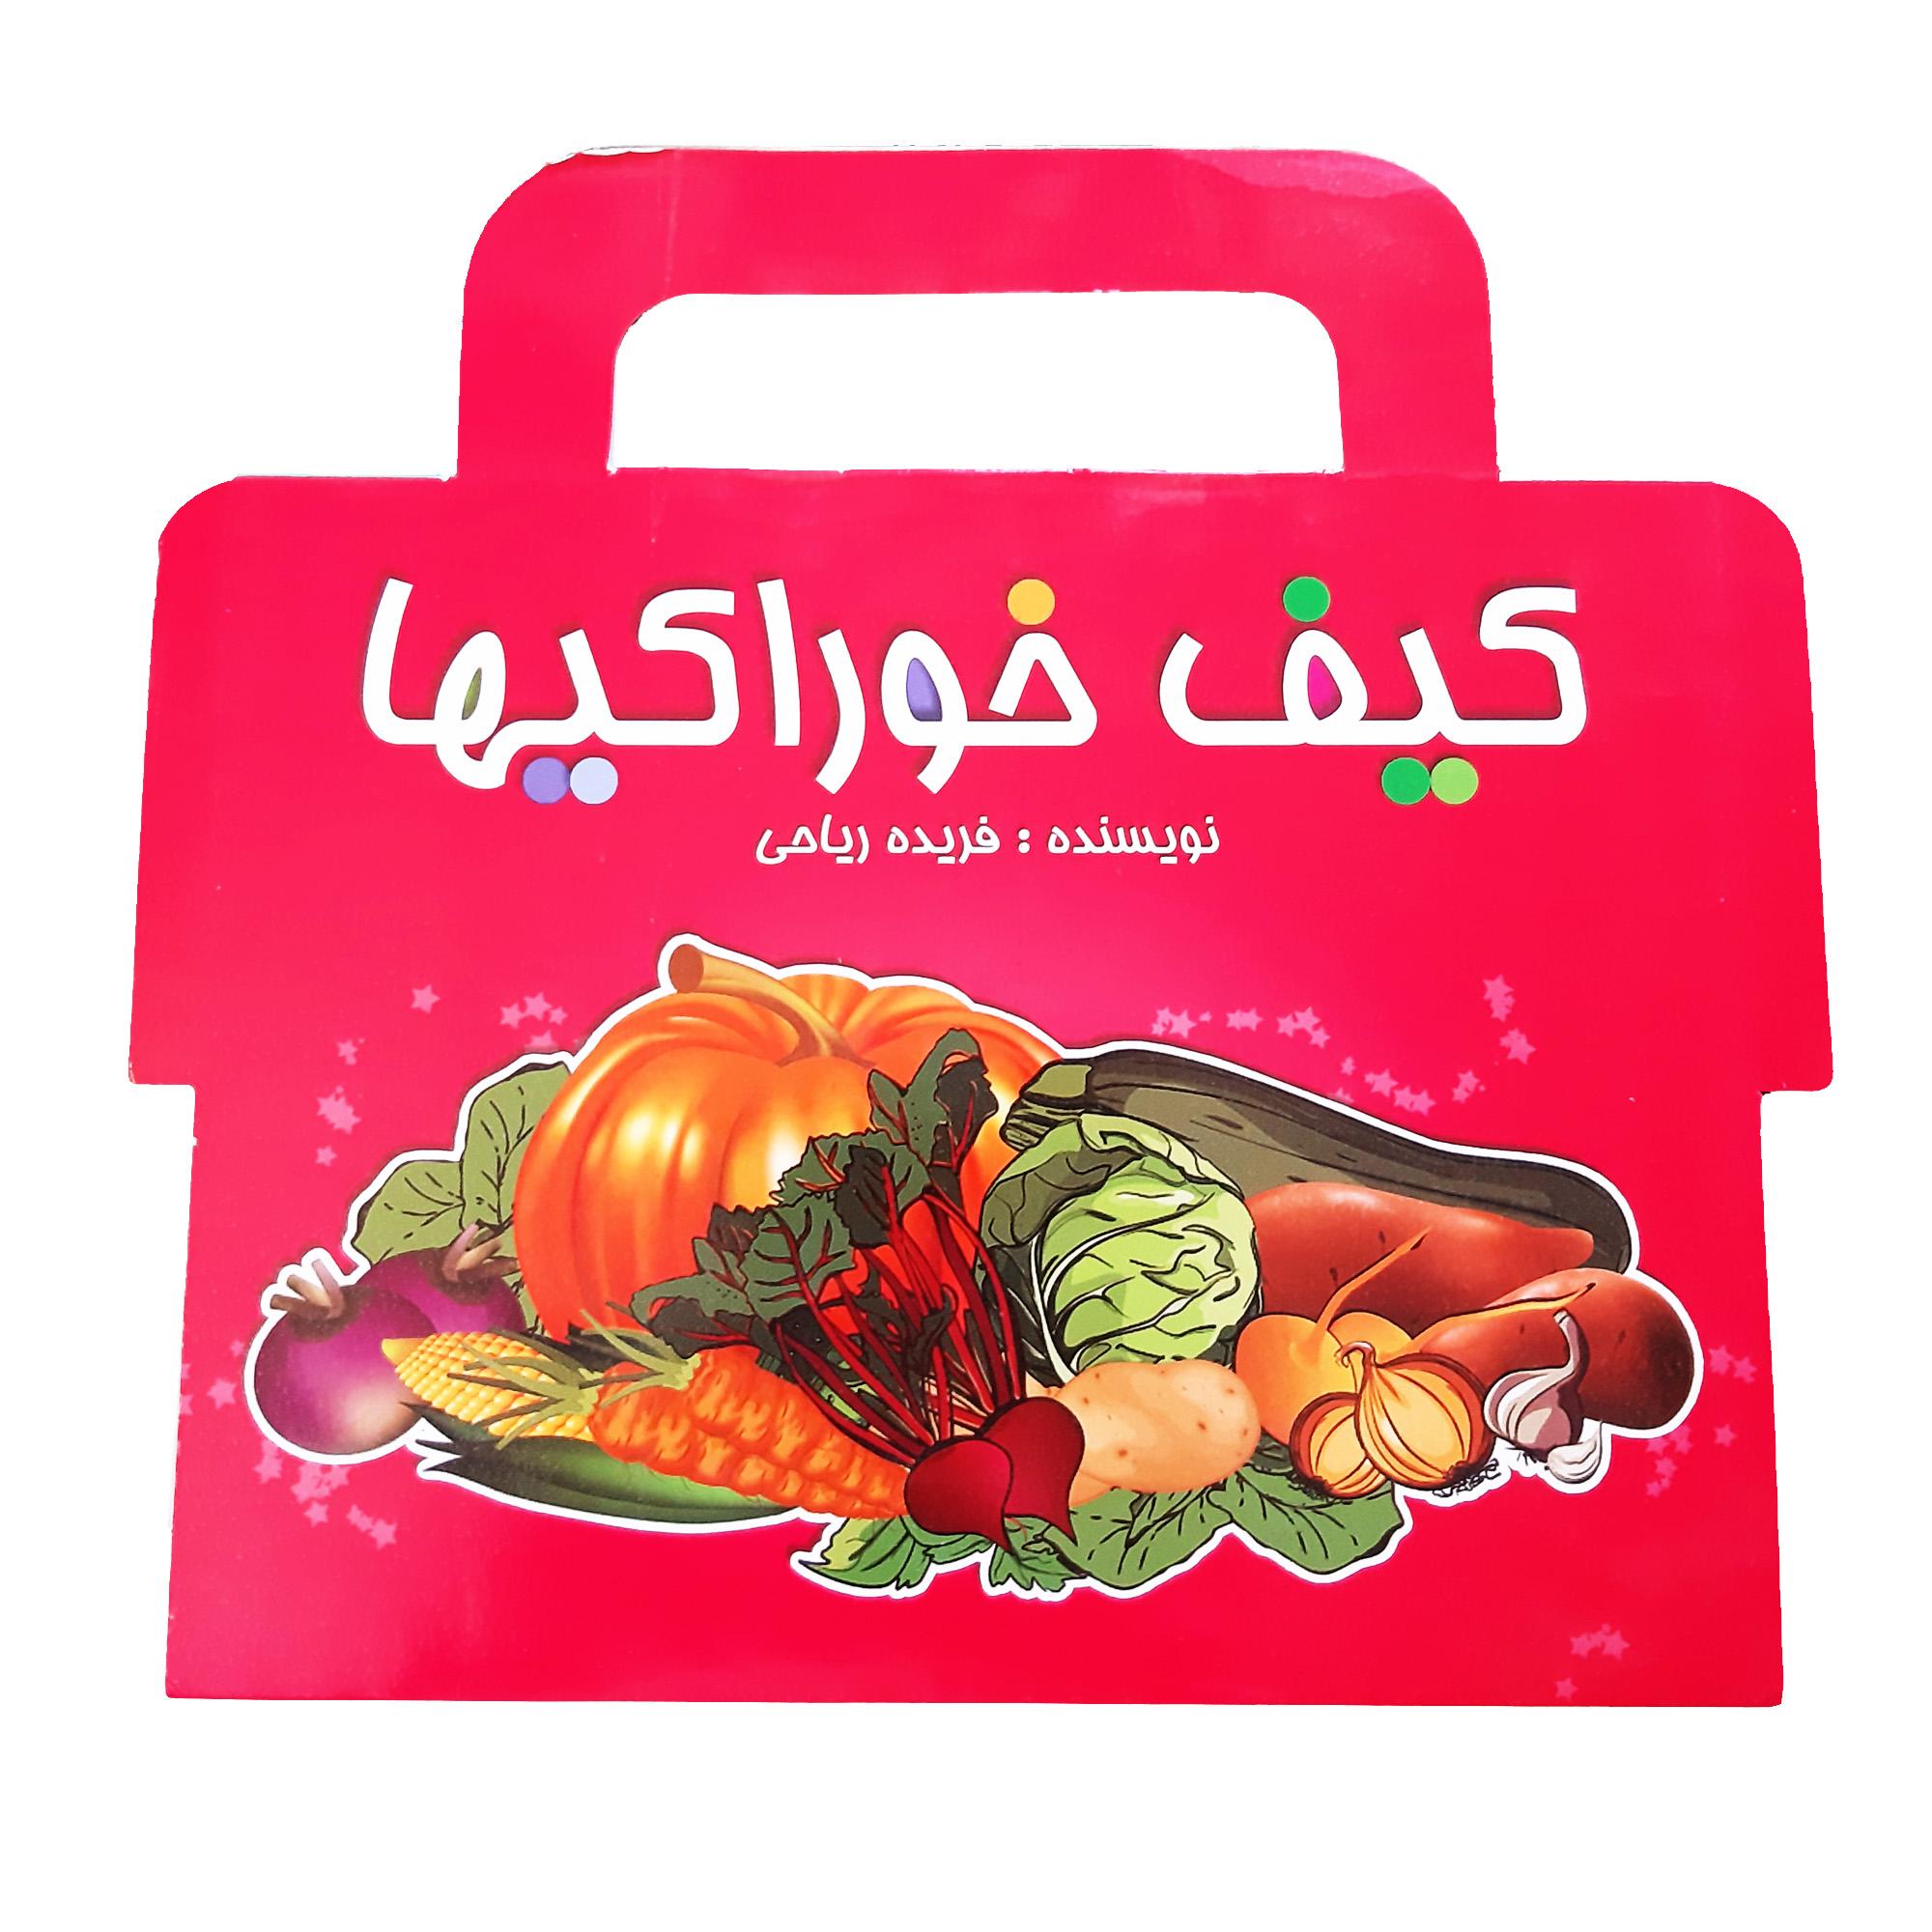 کتاب کیف خوراکیها اثر فریده ریاحی انتشارات آمیس